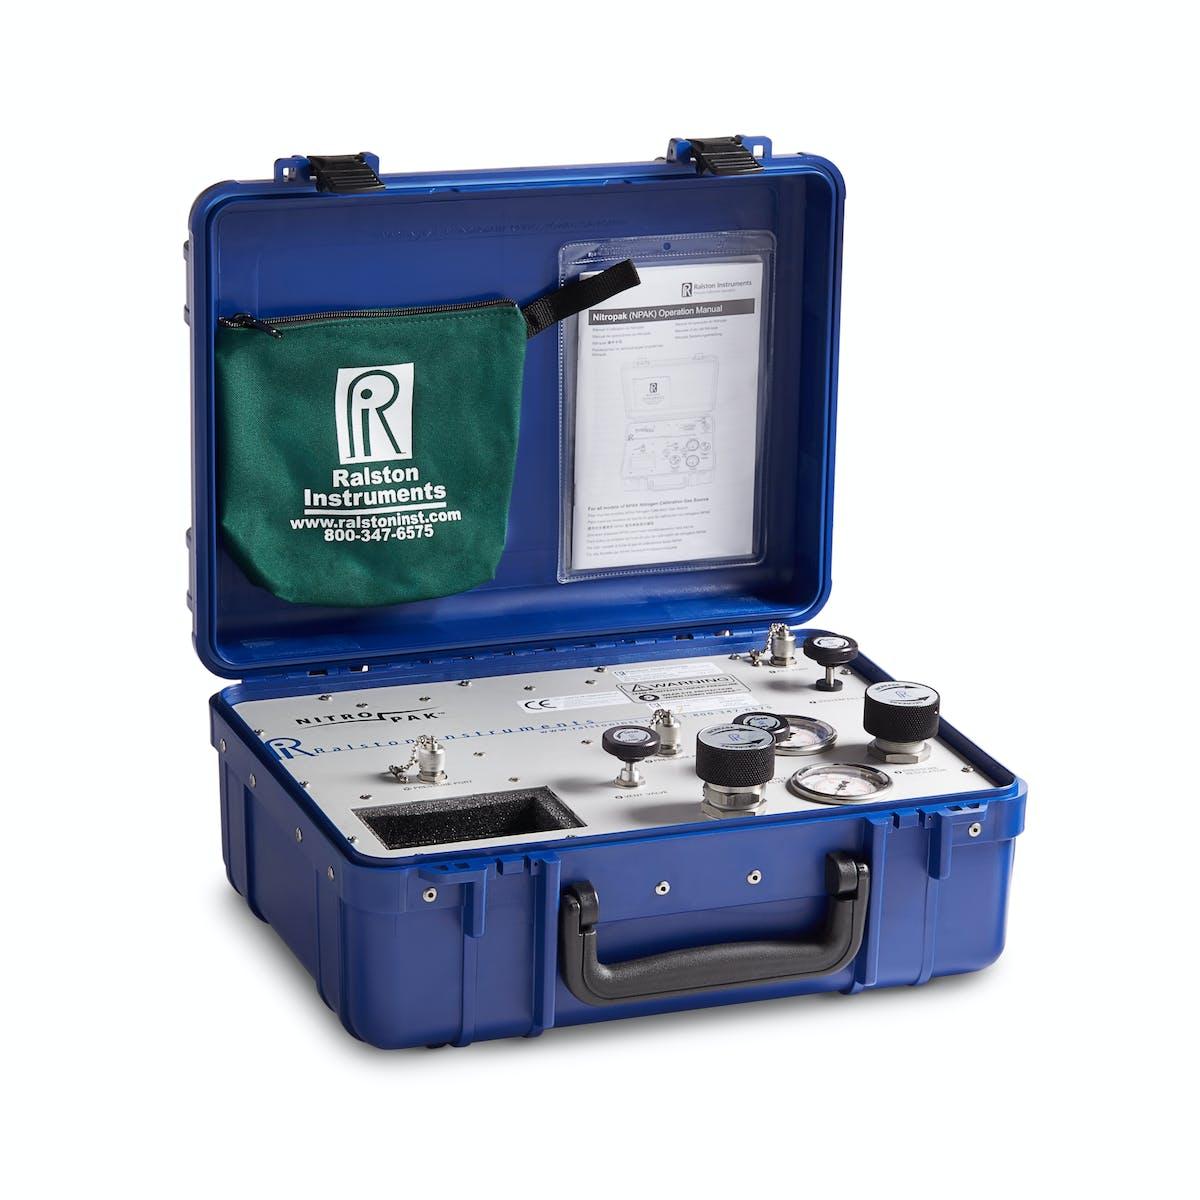 Ralston Instruments NPAK